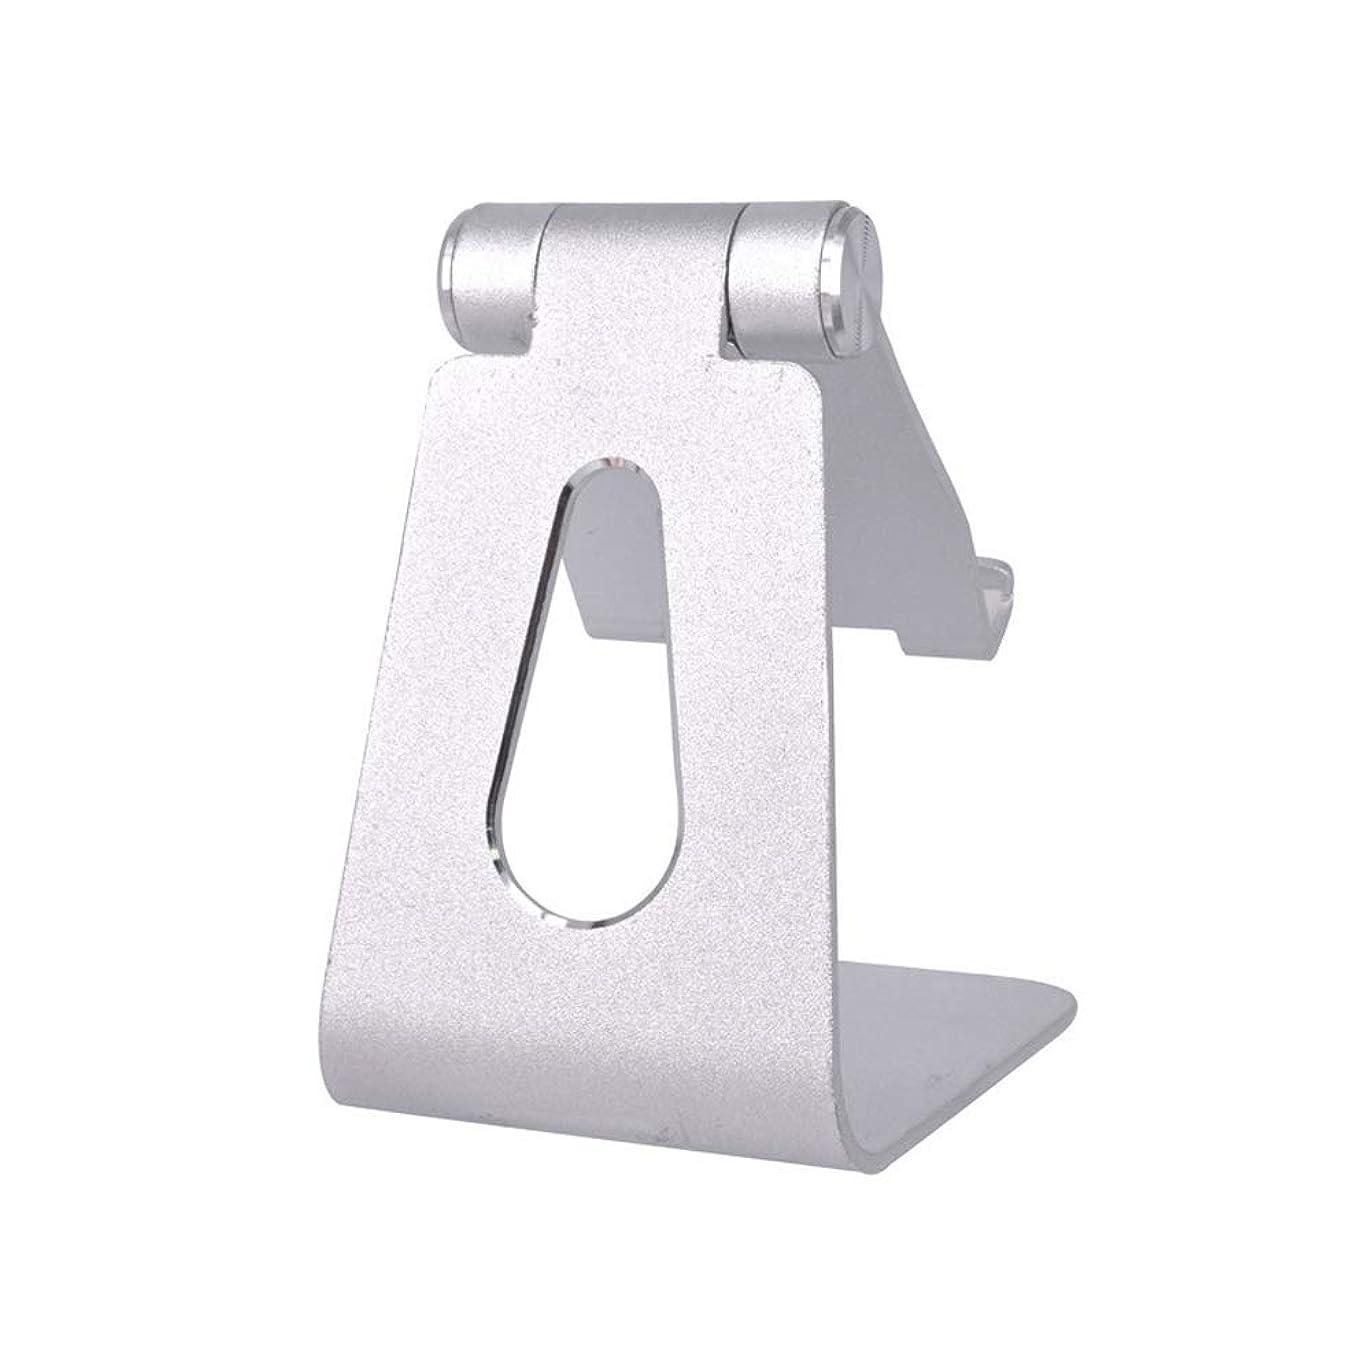 キャンバスボアデコラティブタブレット スタンド ホルダー 充電スタンド 折り畳み式 270°角度調整可能 卓上縦置きスタンド タブレット置き台 デスク台 iPhone 6/6 s/6 s plus/ipad mini シルバー